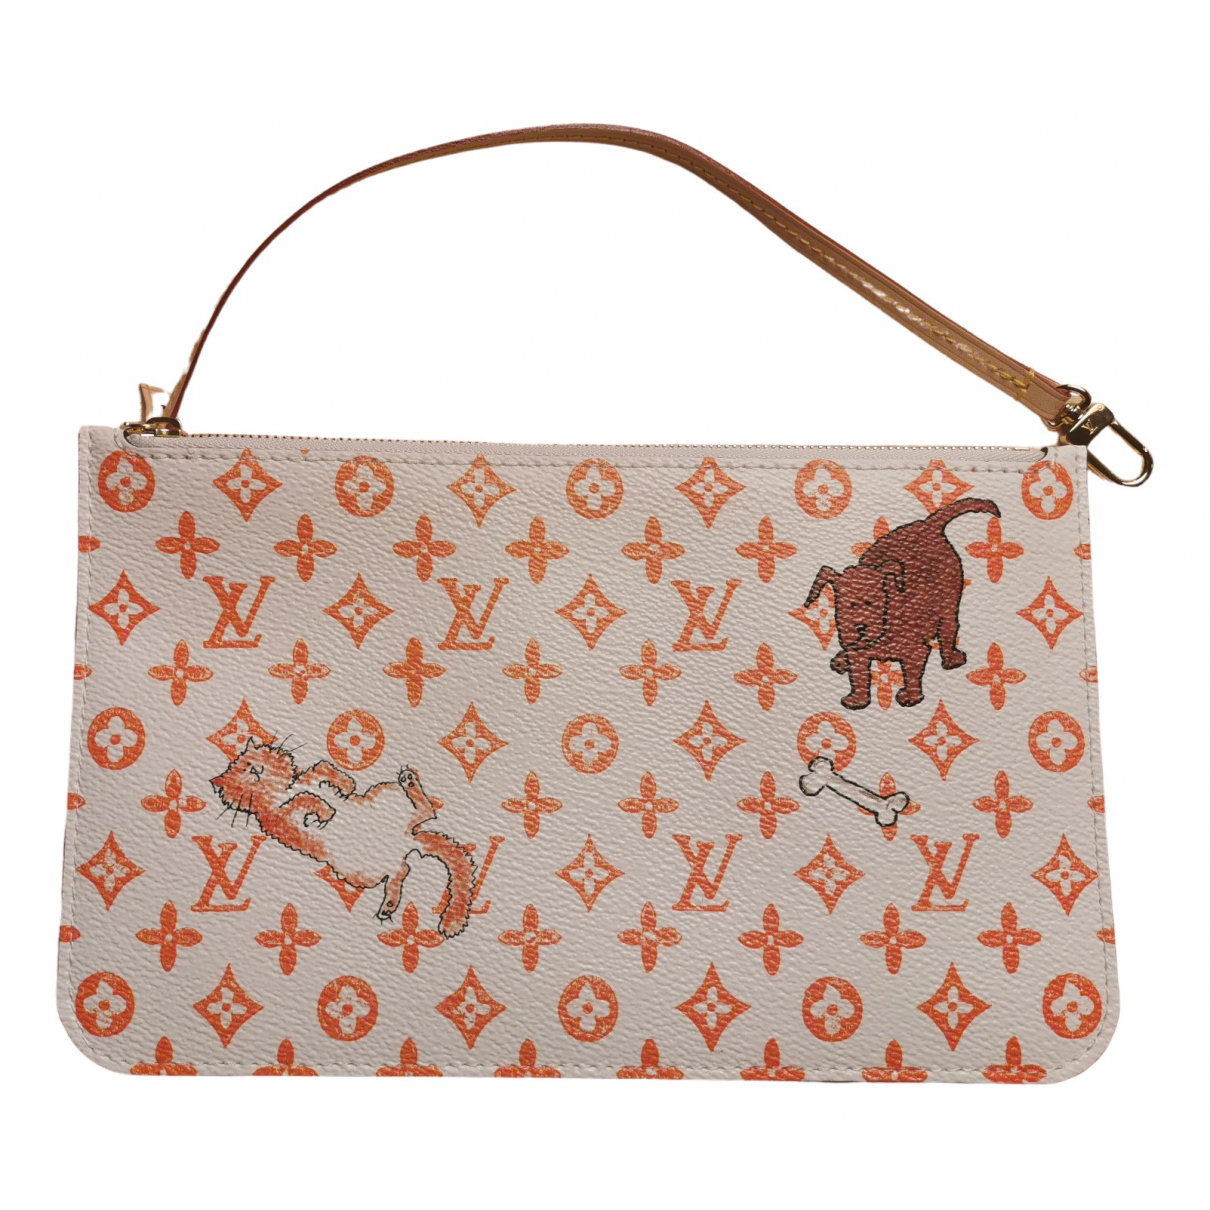 Louis Vuitton \N White Cloth Clutch bag for Women \N